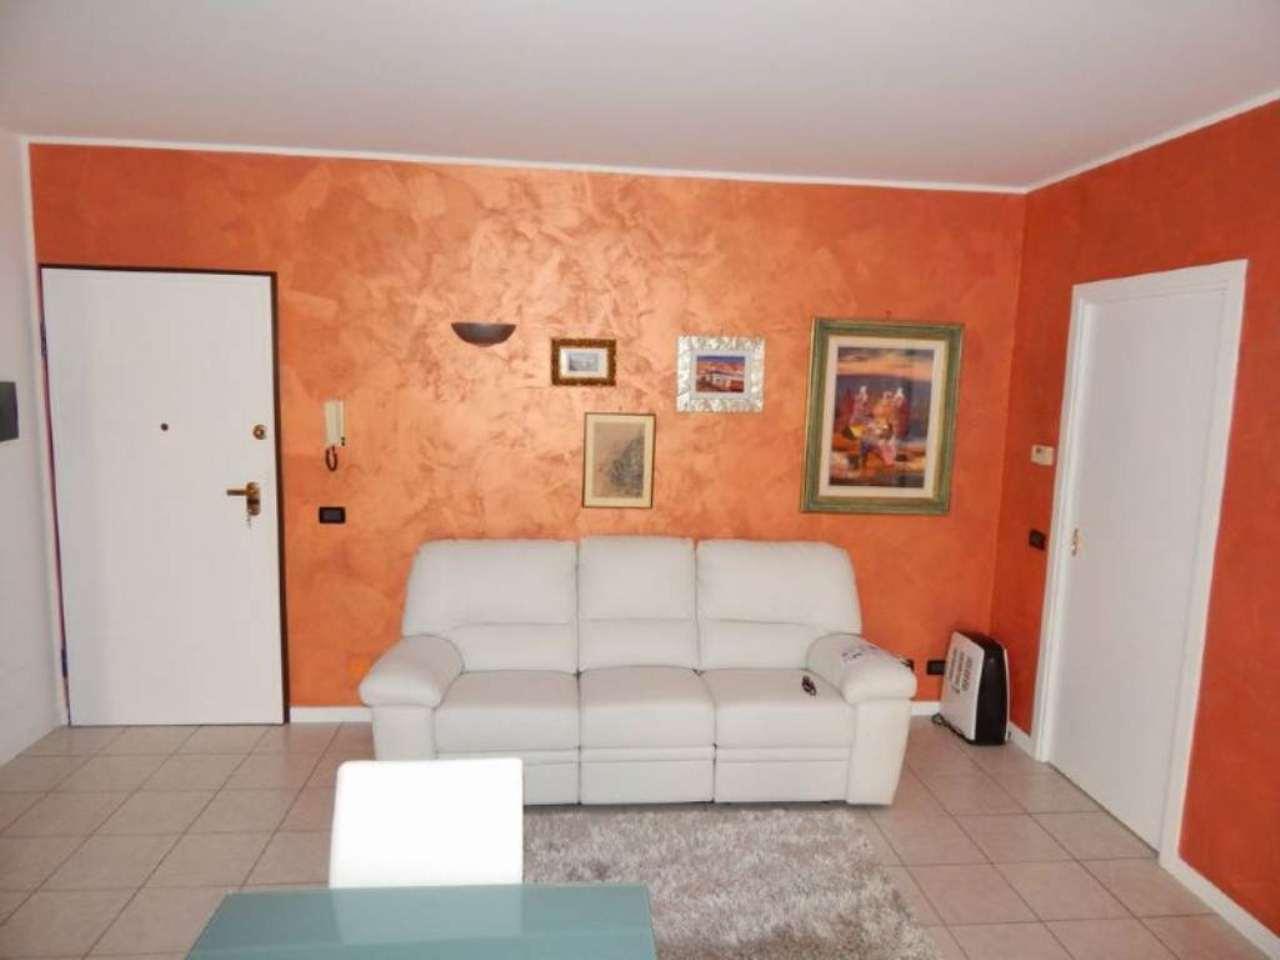 Appartamento in vendita a Castel Rozzone, 2 locali, prezzo € 73.900 | CambioCasa.it